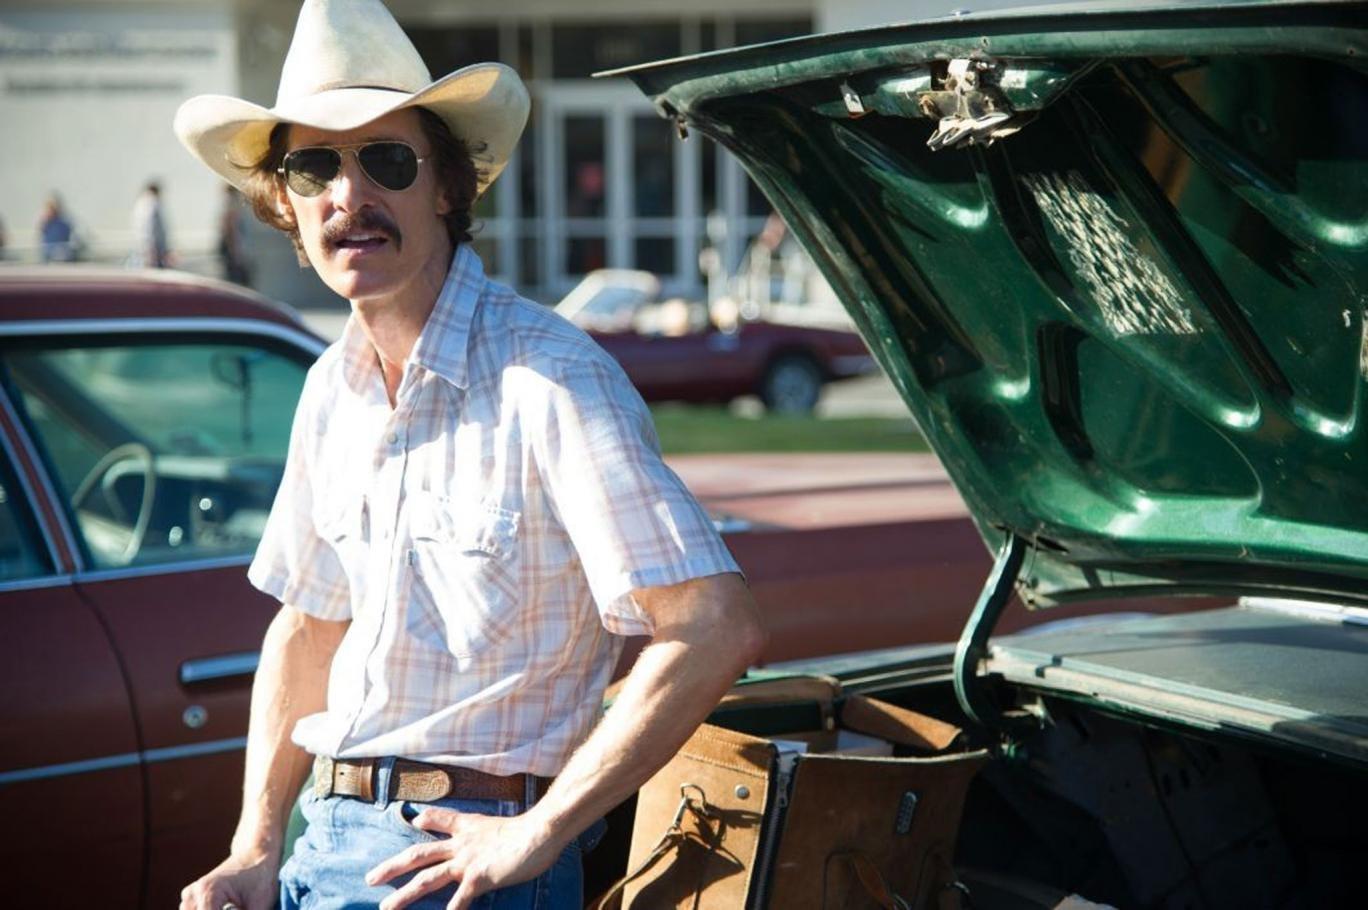 Chemical cowboy: Matthew McConaughey in Dallas Buyers Club